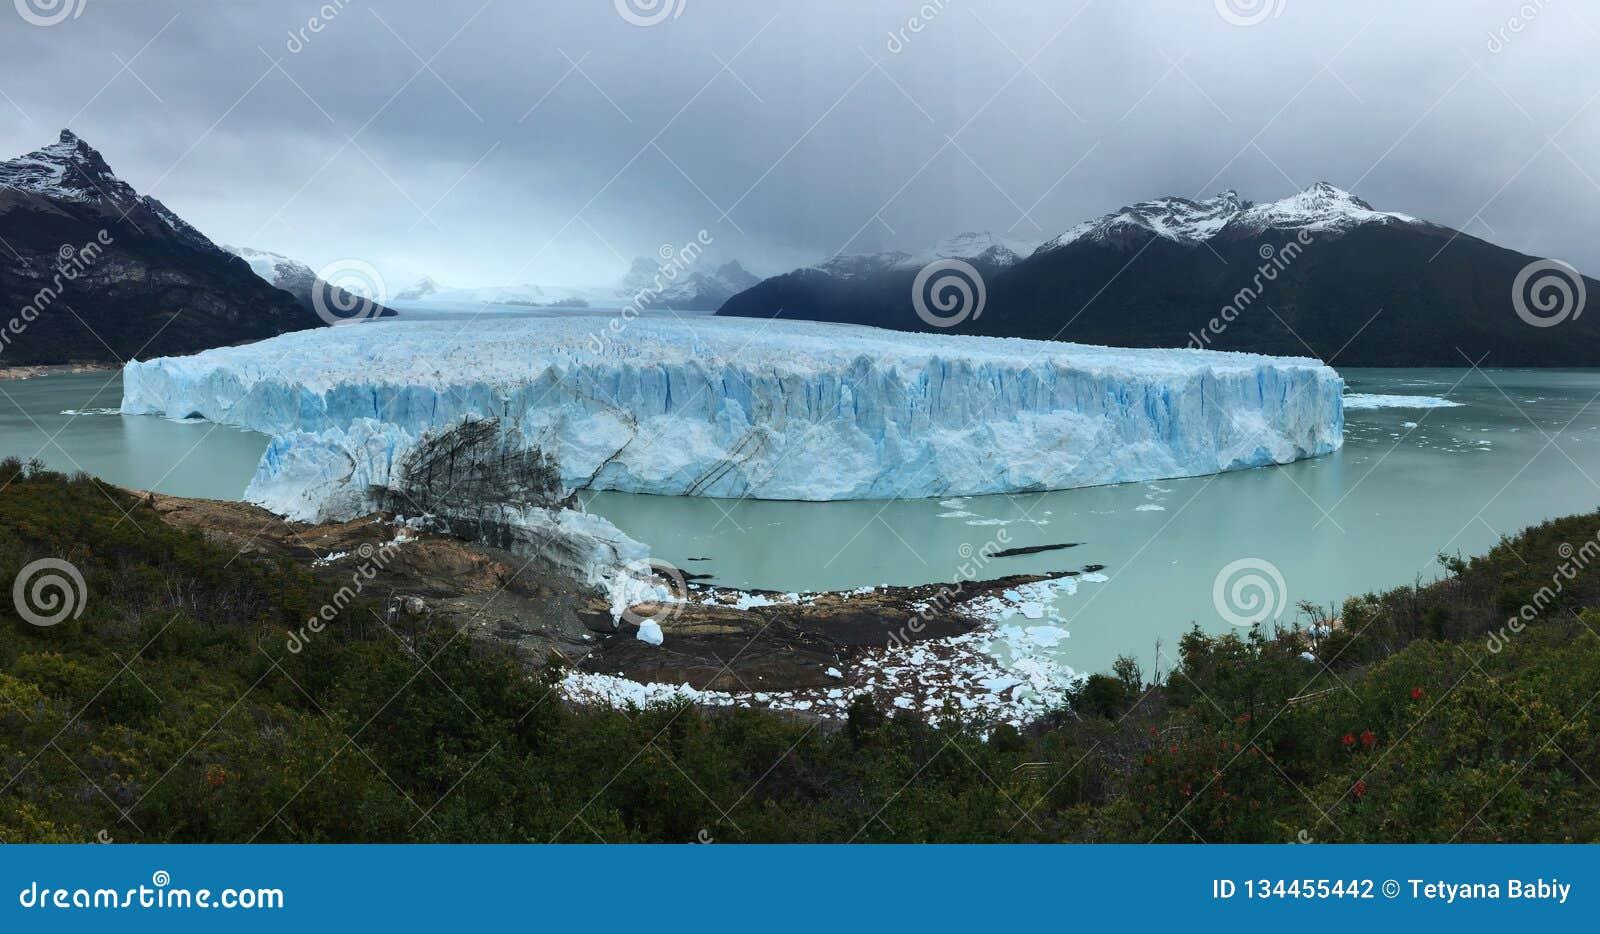 佩里托莫雷诺冰川-自然现象